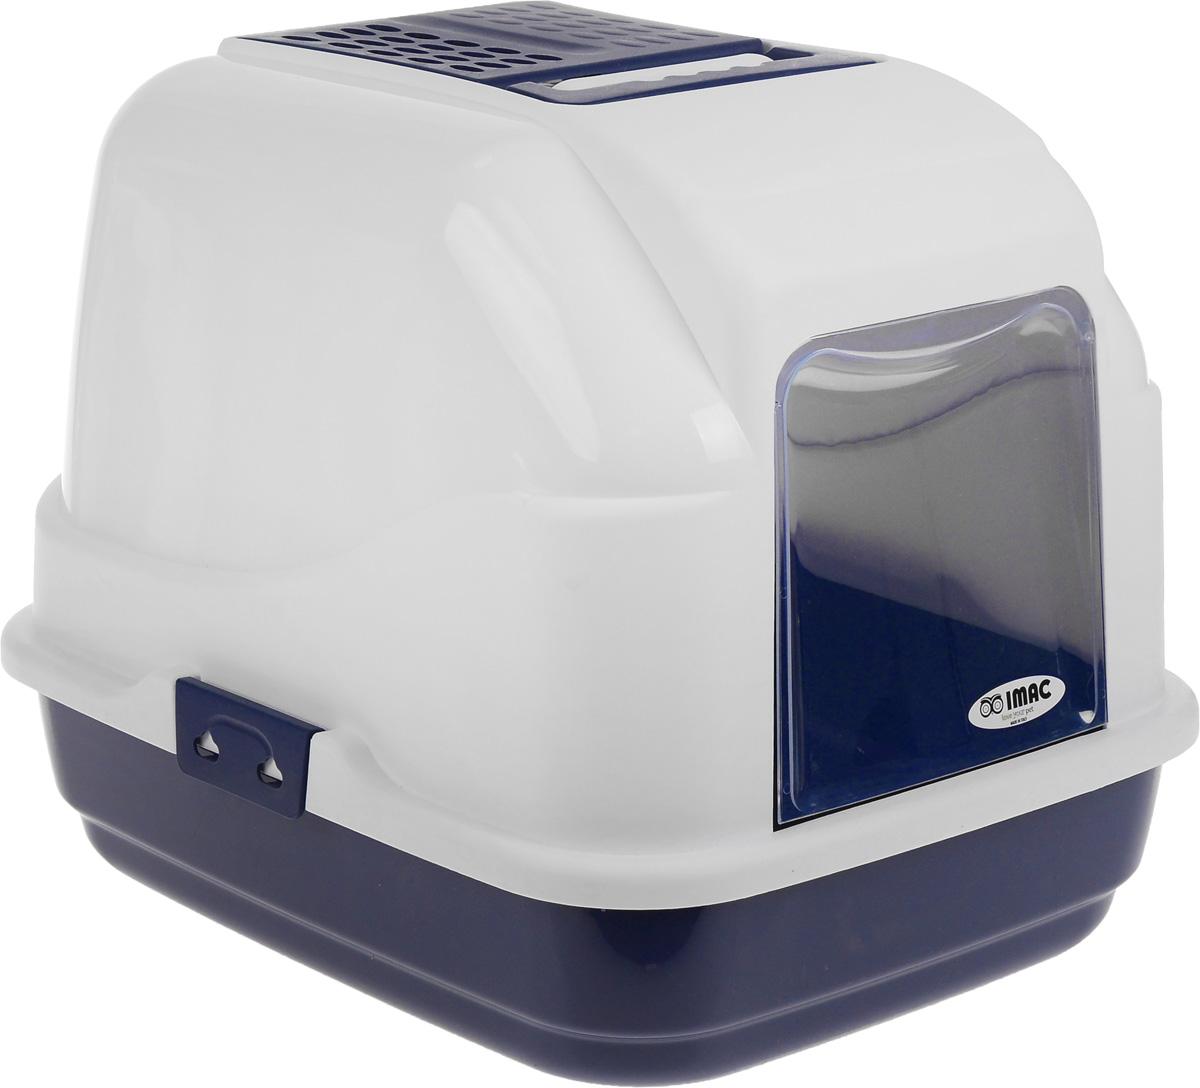 Туалет для кошек IMAC Easy Cat, закрытый, цвет: белый, синий, 50 х 40 х 40 см84094Закрытый туалет для кошек IMAC Easy Cat выполнен из высококачественного пластика. Он довольно вместительный и напоминает домик. Туалет оснащен прозрачной открывающейся дверцей, сменным угольным фильтром, совком и удобной ручкой для переноски. Такой туалет избавит ваш дом от неприятного запаха и разбросанных повсюду частичек наполнителя. Кошка в таком туалете будет чувствовать себя увереннее, ведь в этом укромном уголке ее никто не увидит. Кроме того, яркий дизайн с легкостью впишется в интерьер вашего дома. Туалет легко открывается для чистки благодаря практичным защелкам по бокам.УВАЖАЕМЫЕ КЛИЕНТЫ!Обращаем ваше внимание, что цвет синих элементов изделия может отличаться оттенком от представленного на фотографии. Поставка осуществляется в зависимости от наличия на складе.